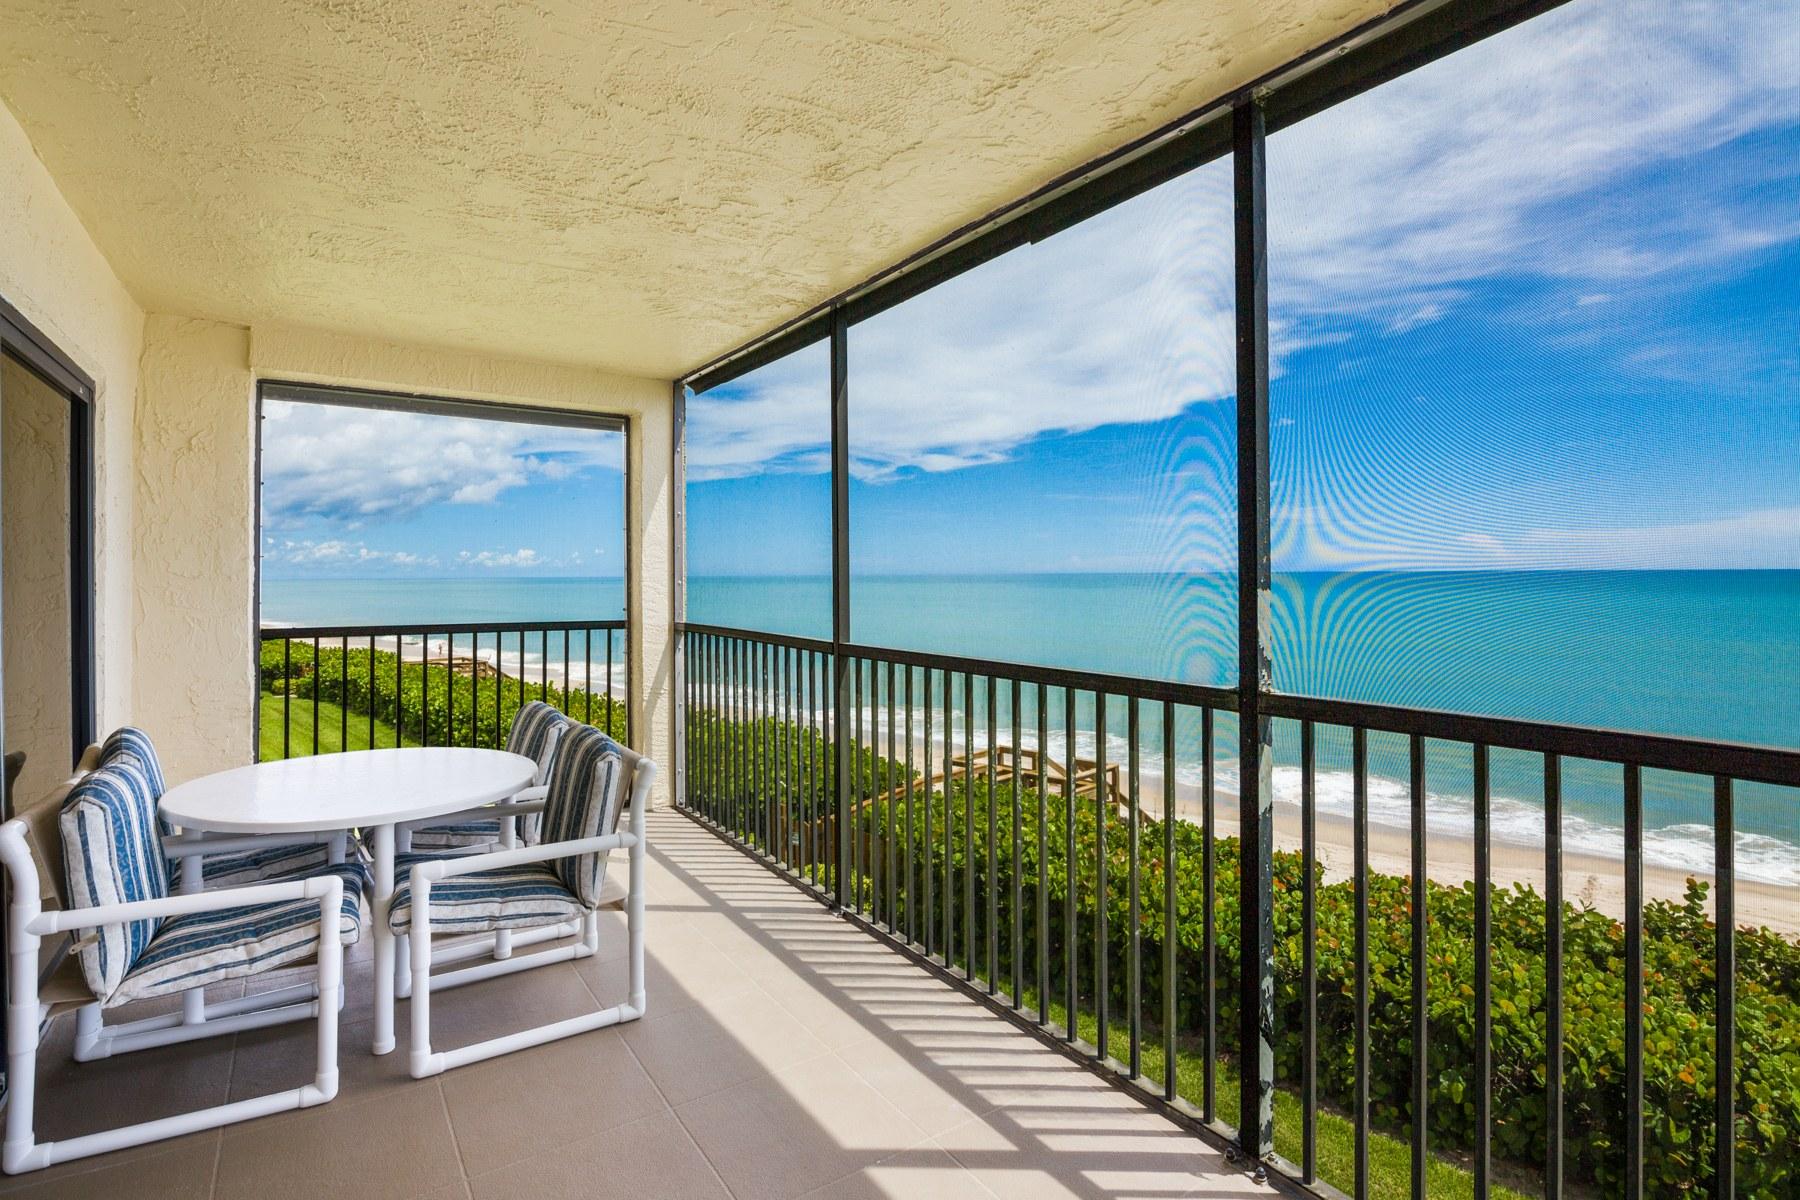 Stunning Condo with Remarkable Ocean Front Views 6309 S Highway A1a 331 Melbourne Beach, Florida 32951 Estados Unidos